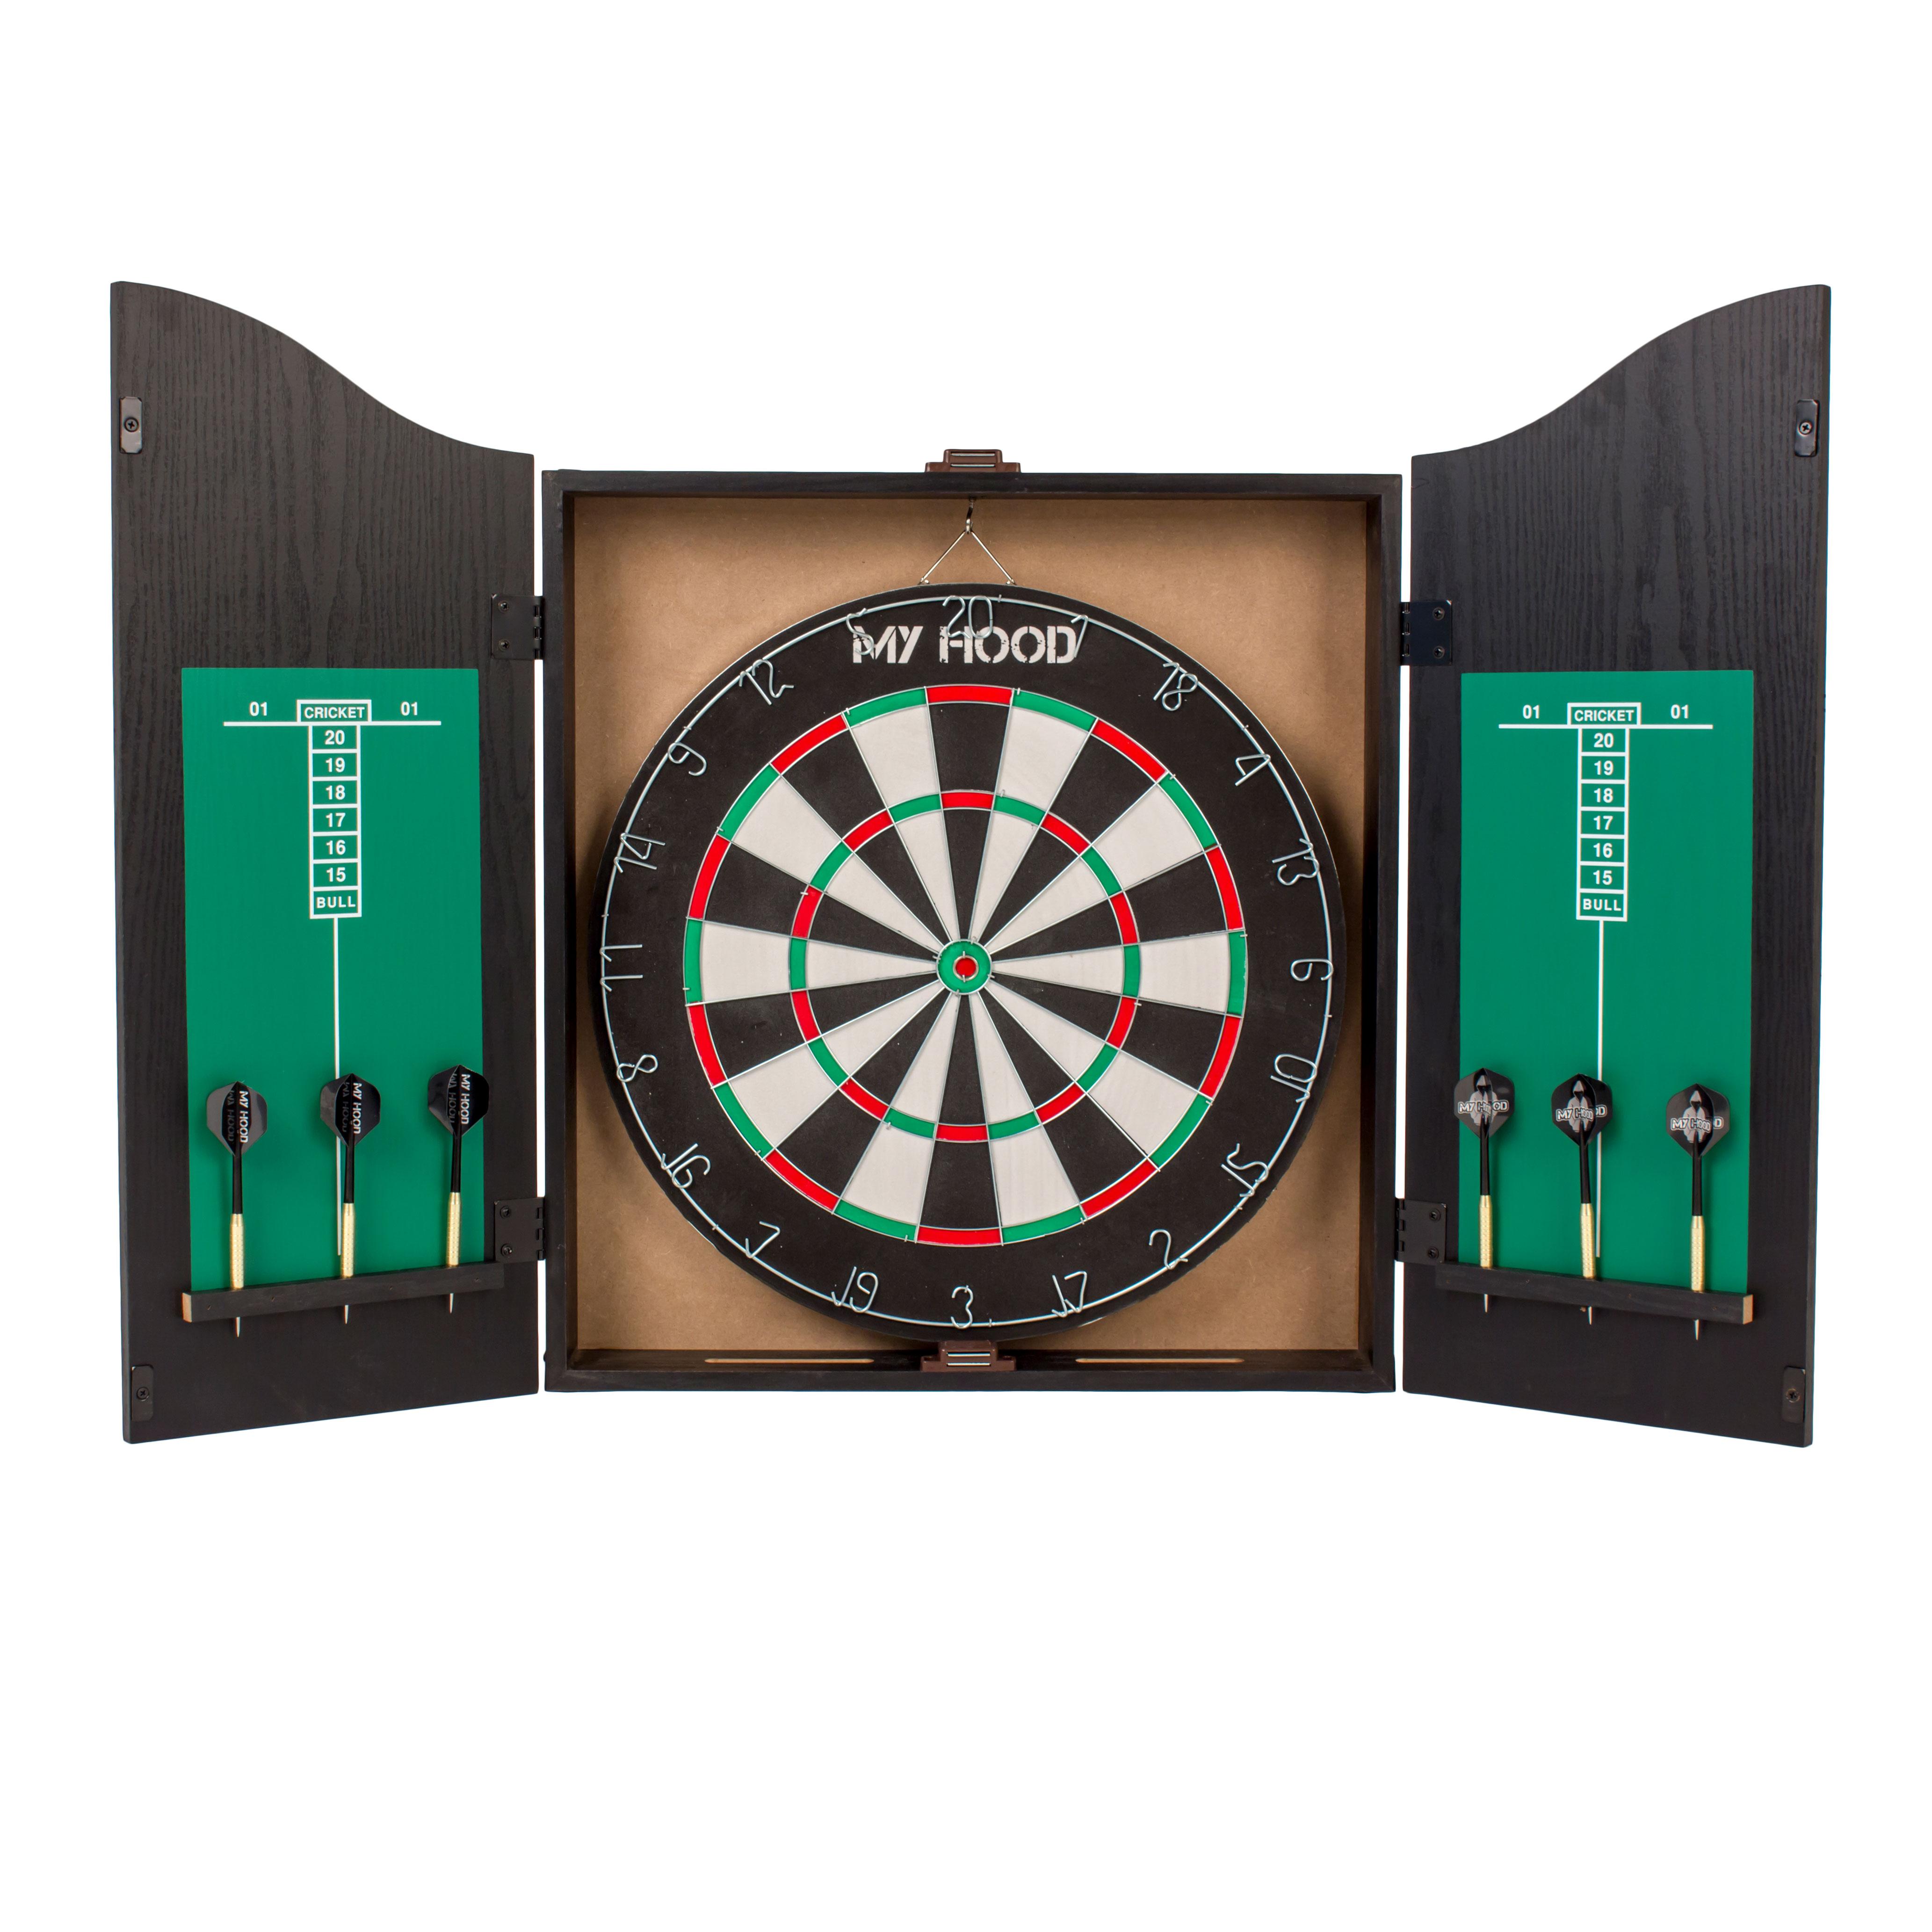 Billede af My Hood dartskab - Dart Home Center